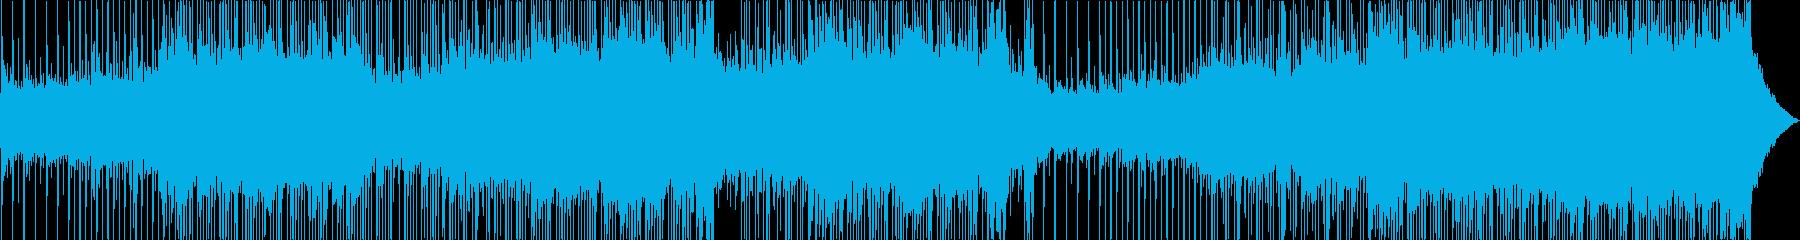 高揚感のある高エネルギーなサウンドの再生済みの波形